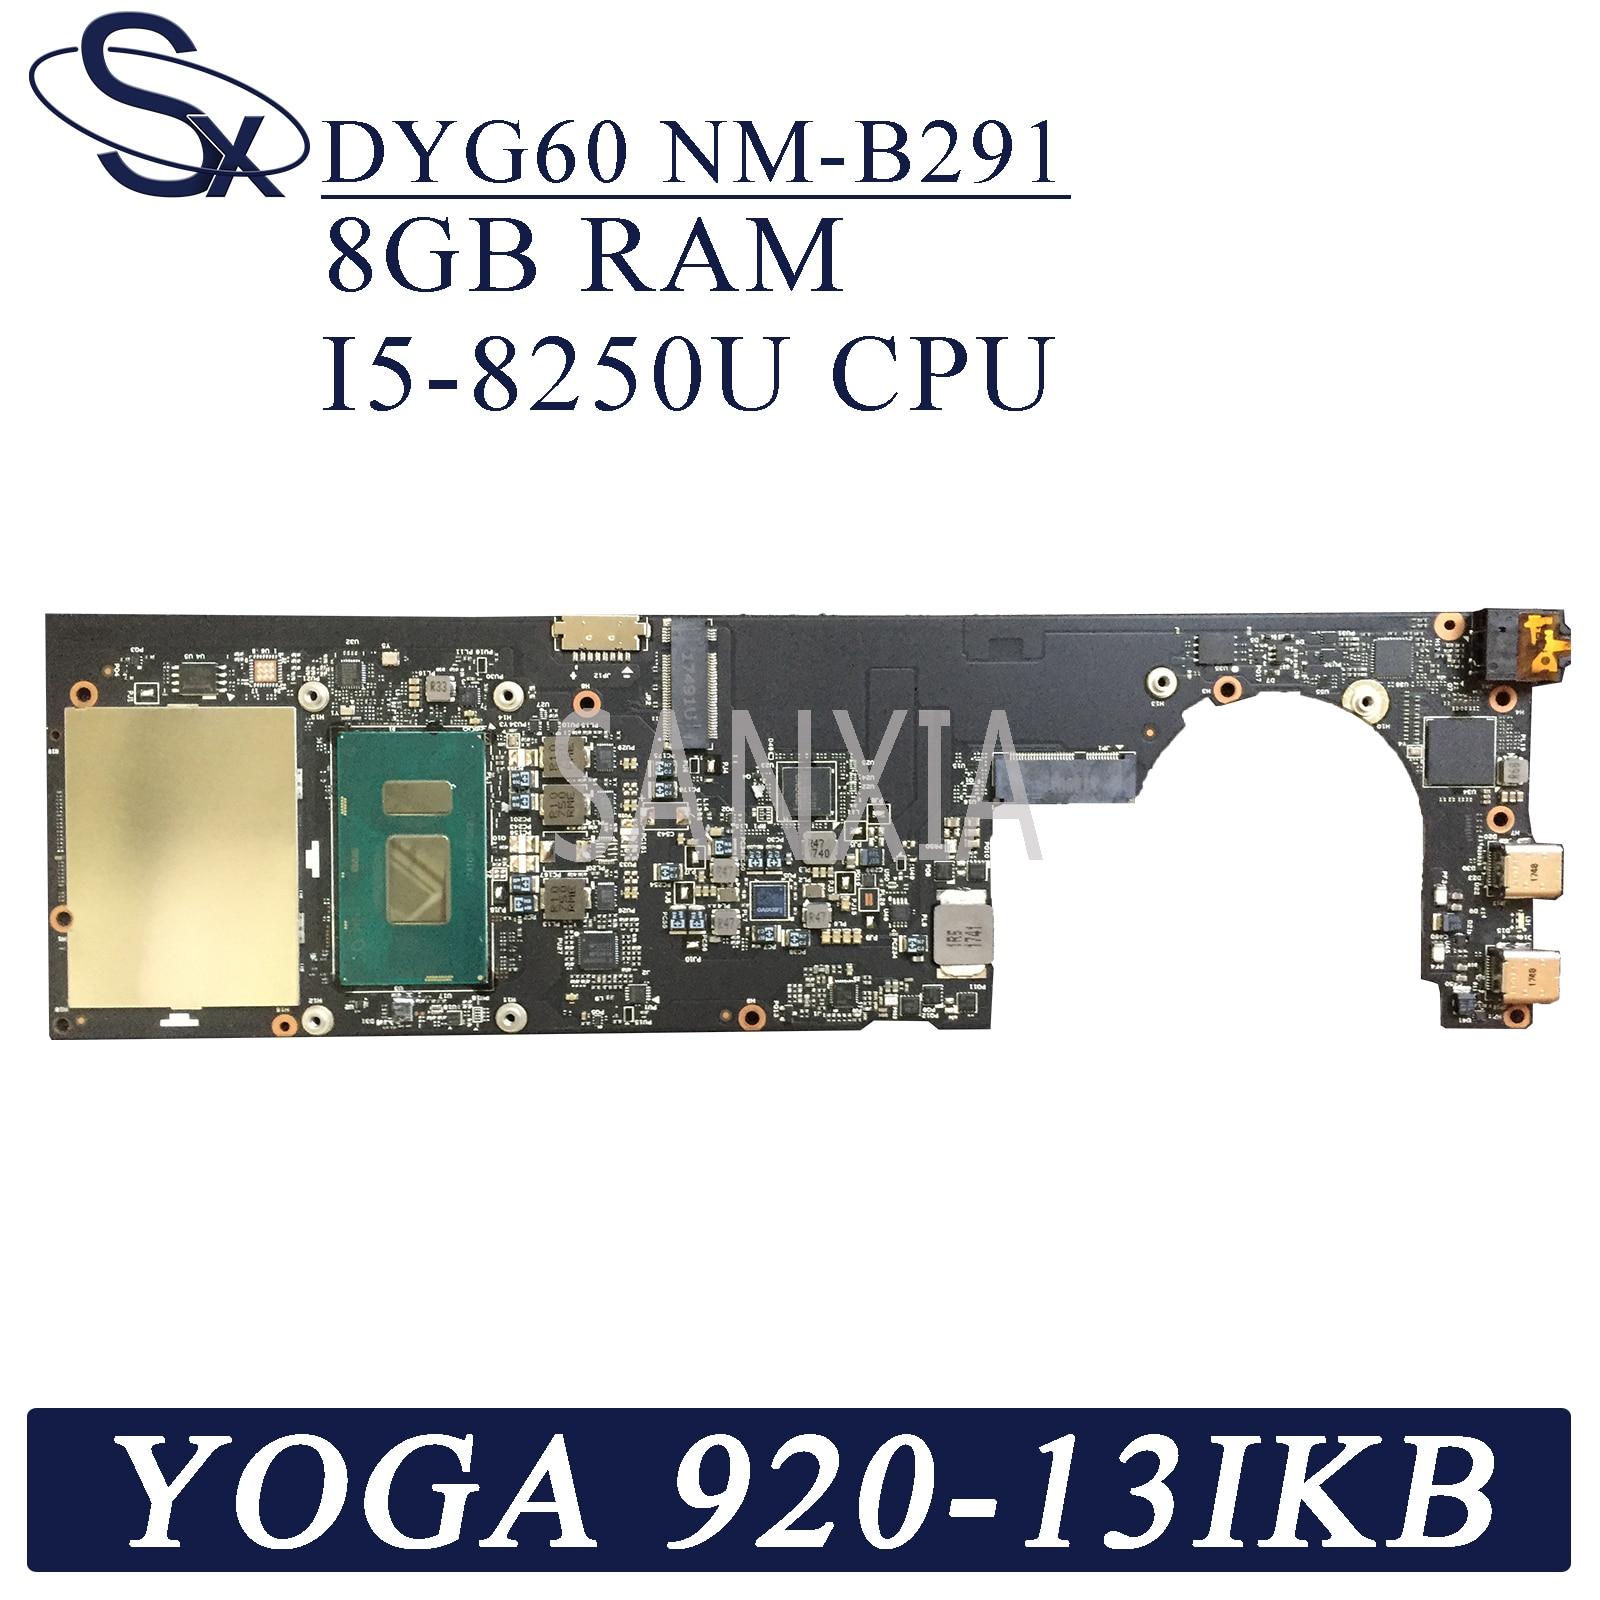 KEFU NM-B291 płyta główna laptopa dla Lenovo YOGA 920-13IKB oryginalna płyta główna 8GB-RAM I5-8250U